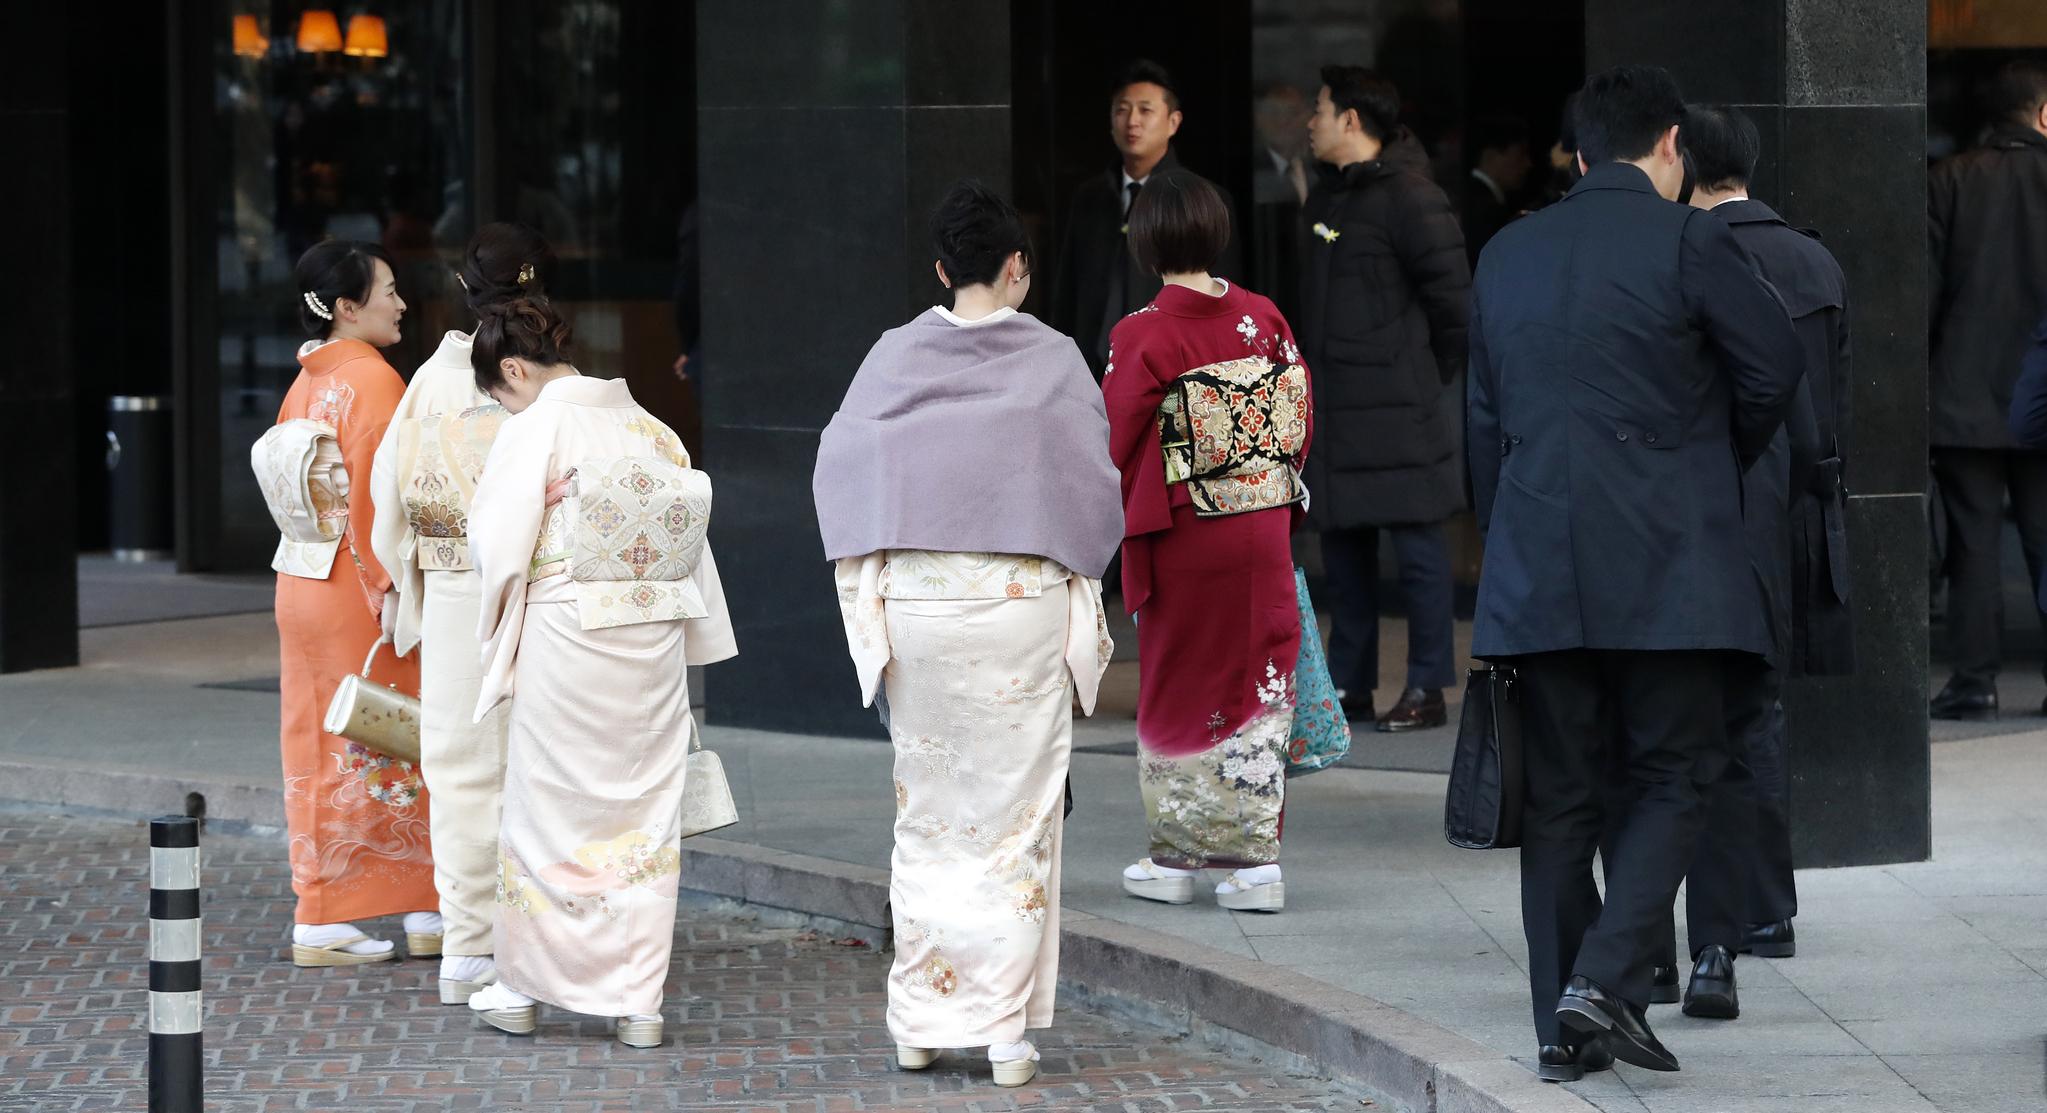 6일 오후 아키히토 일왕의 생일기념 리셉션이 열리는 서울 용산구 그랜드하얏트 서울 호텔에서 기모노를 입은 리셉션 참가자들이 발걸음을 옮기고 있다. 한편 아키히토 일왕은 내년 4월30일 퇴위하고, 아들 나루히토 왕세자가 5월1일 왕위에 오른다. [뉴스1]